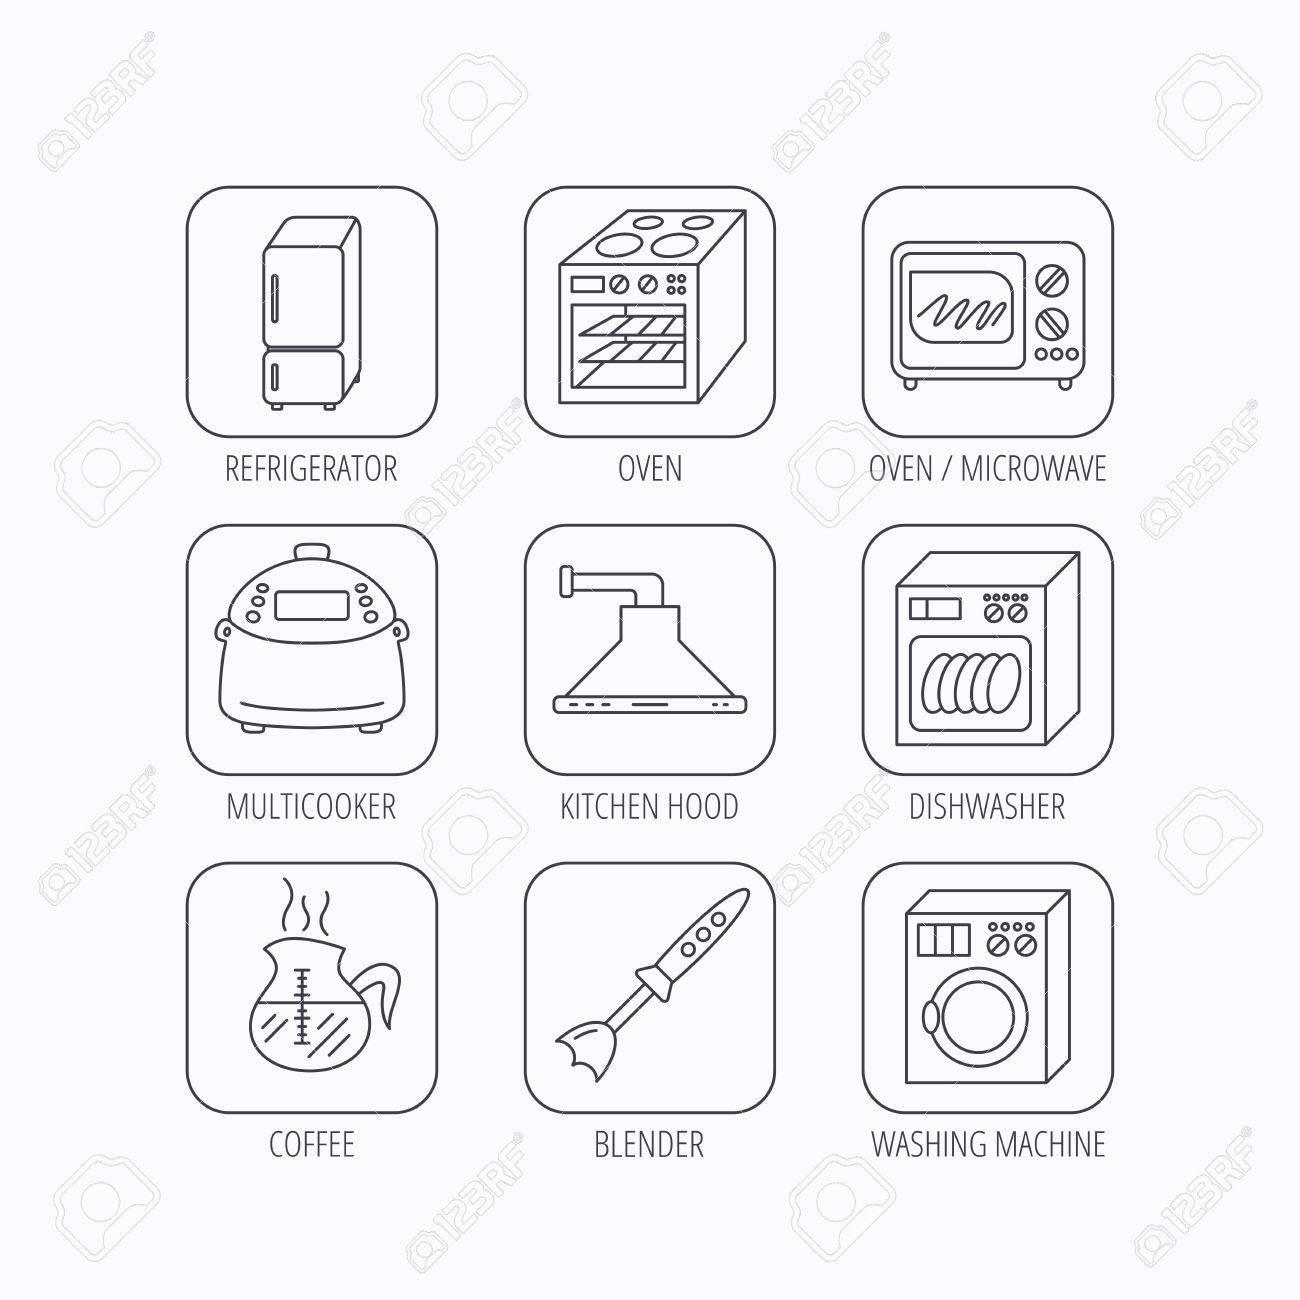 Mikrowelle Waschmaschine Und Mixer Symbole Kühlschrank Kühlschrank